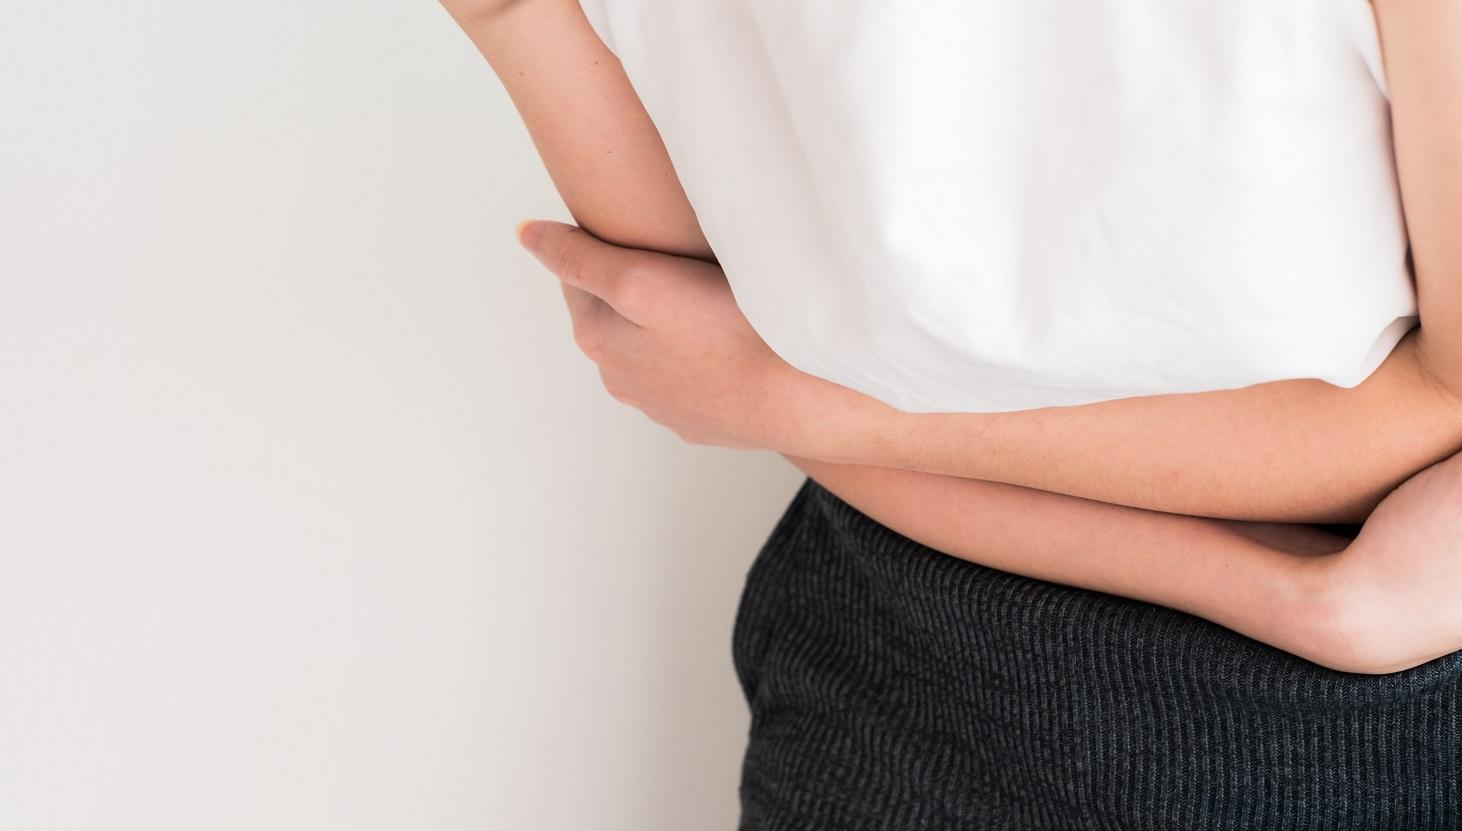 4x natuurlijke manieren om je menstruatie te verlichten